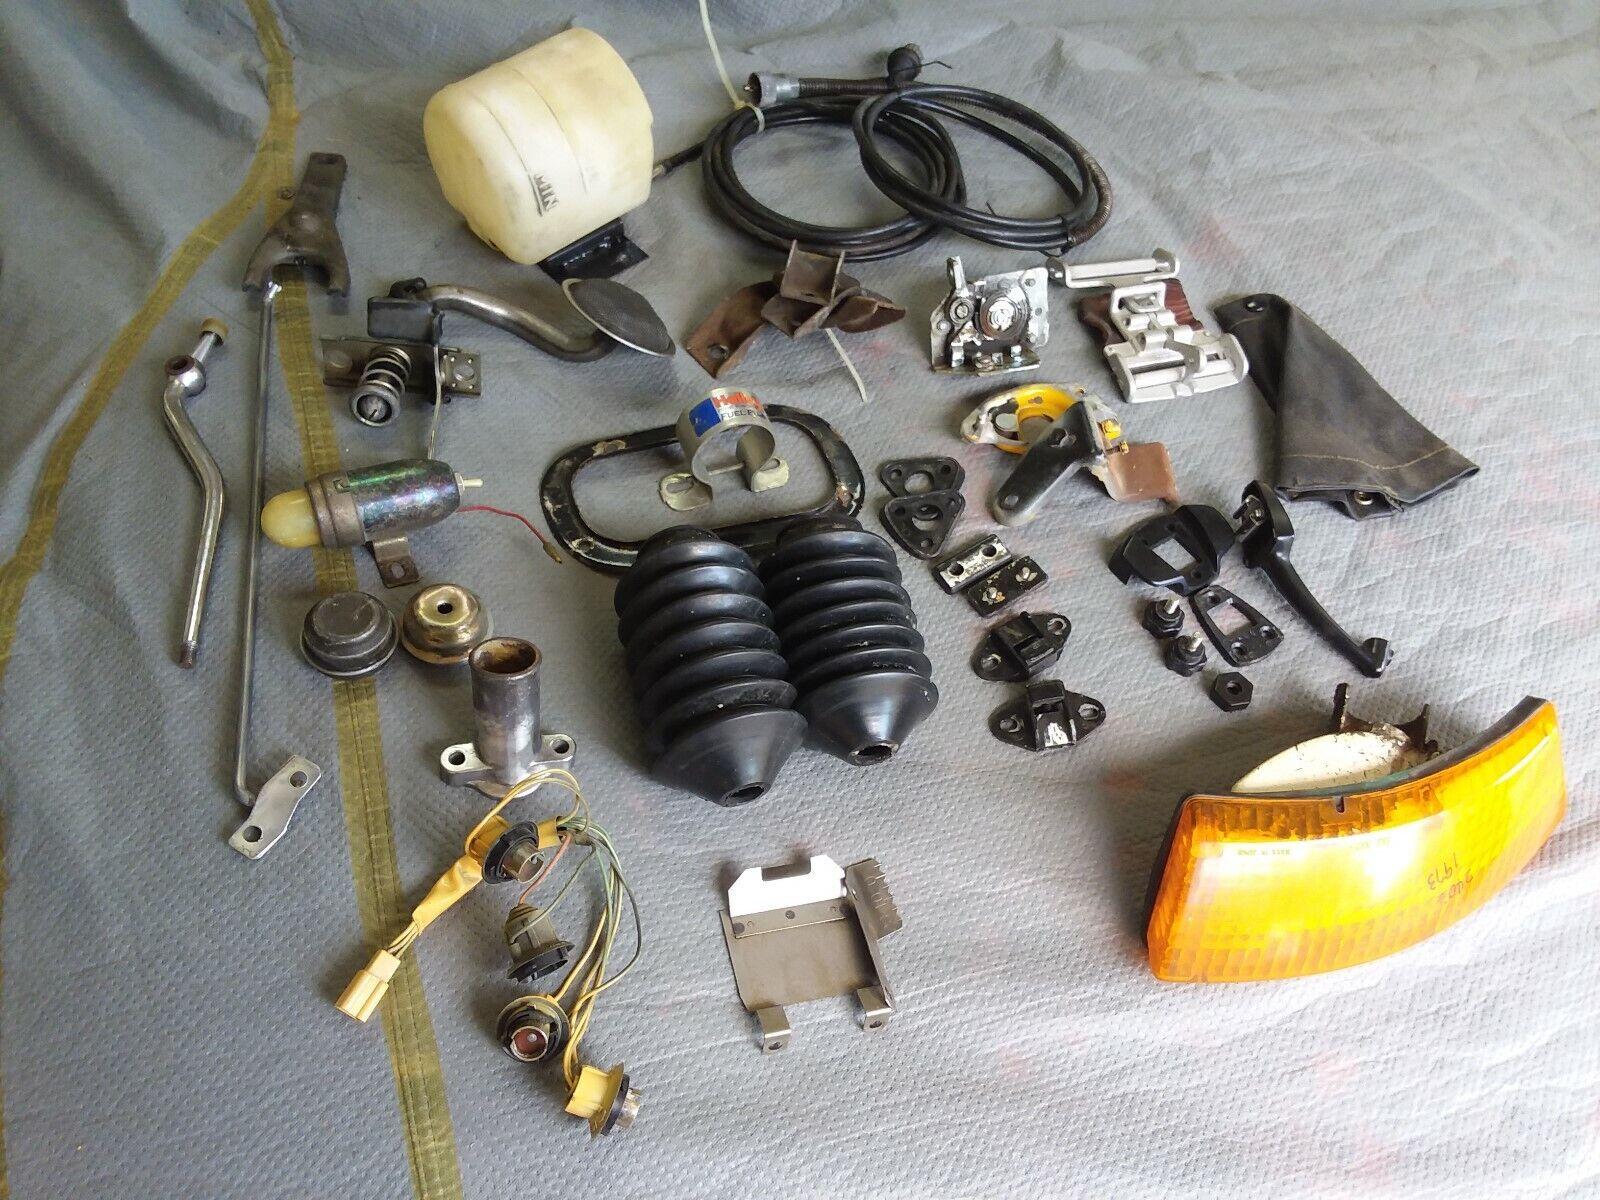 240z-280z miscellaneous parts